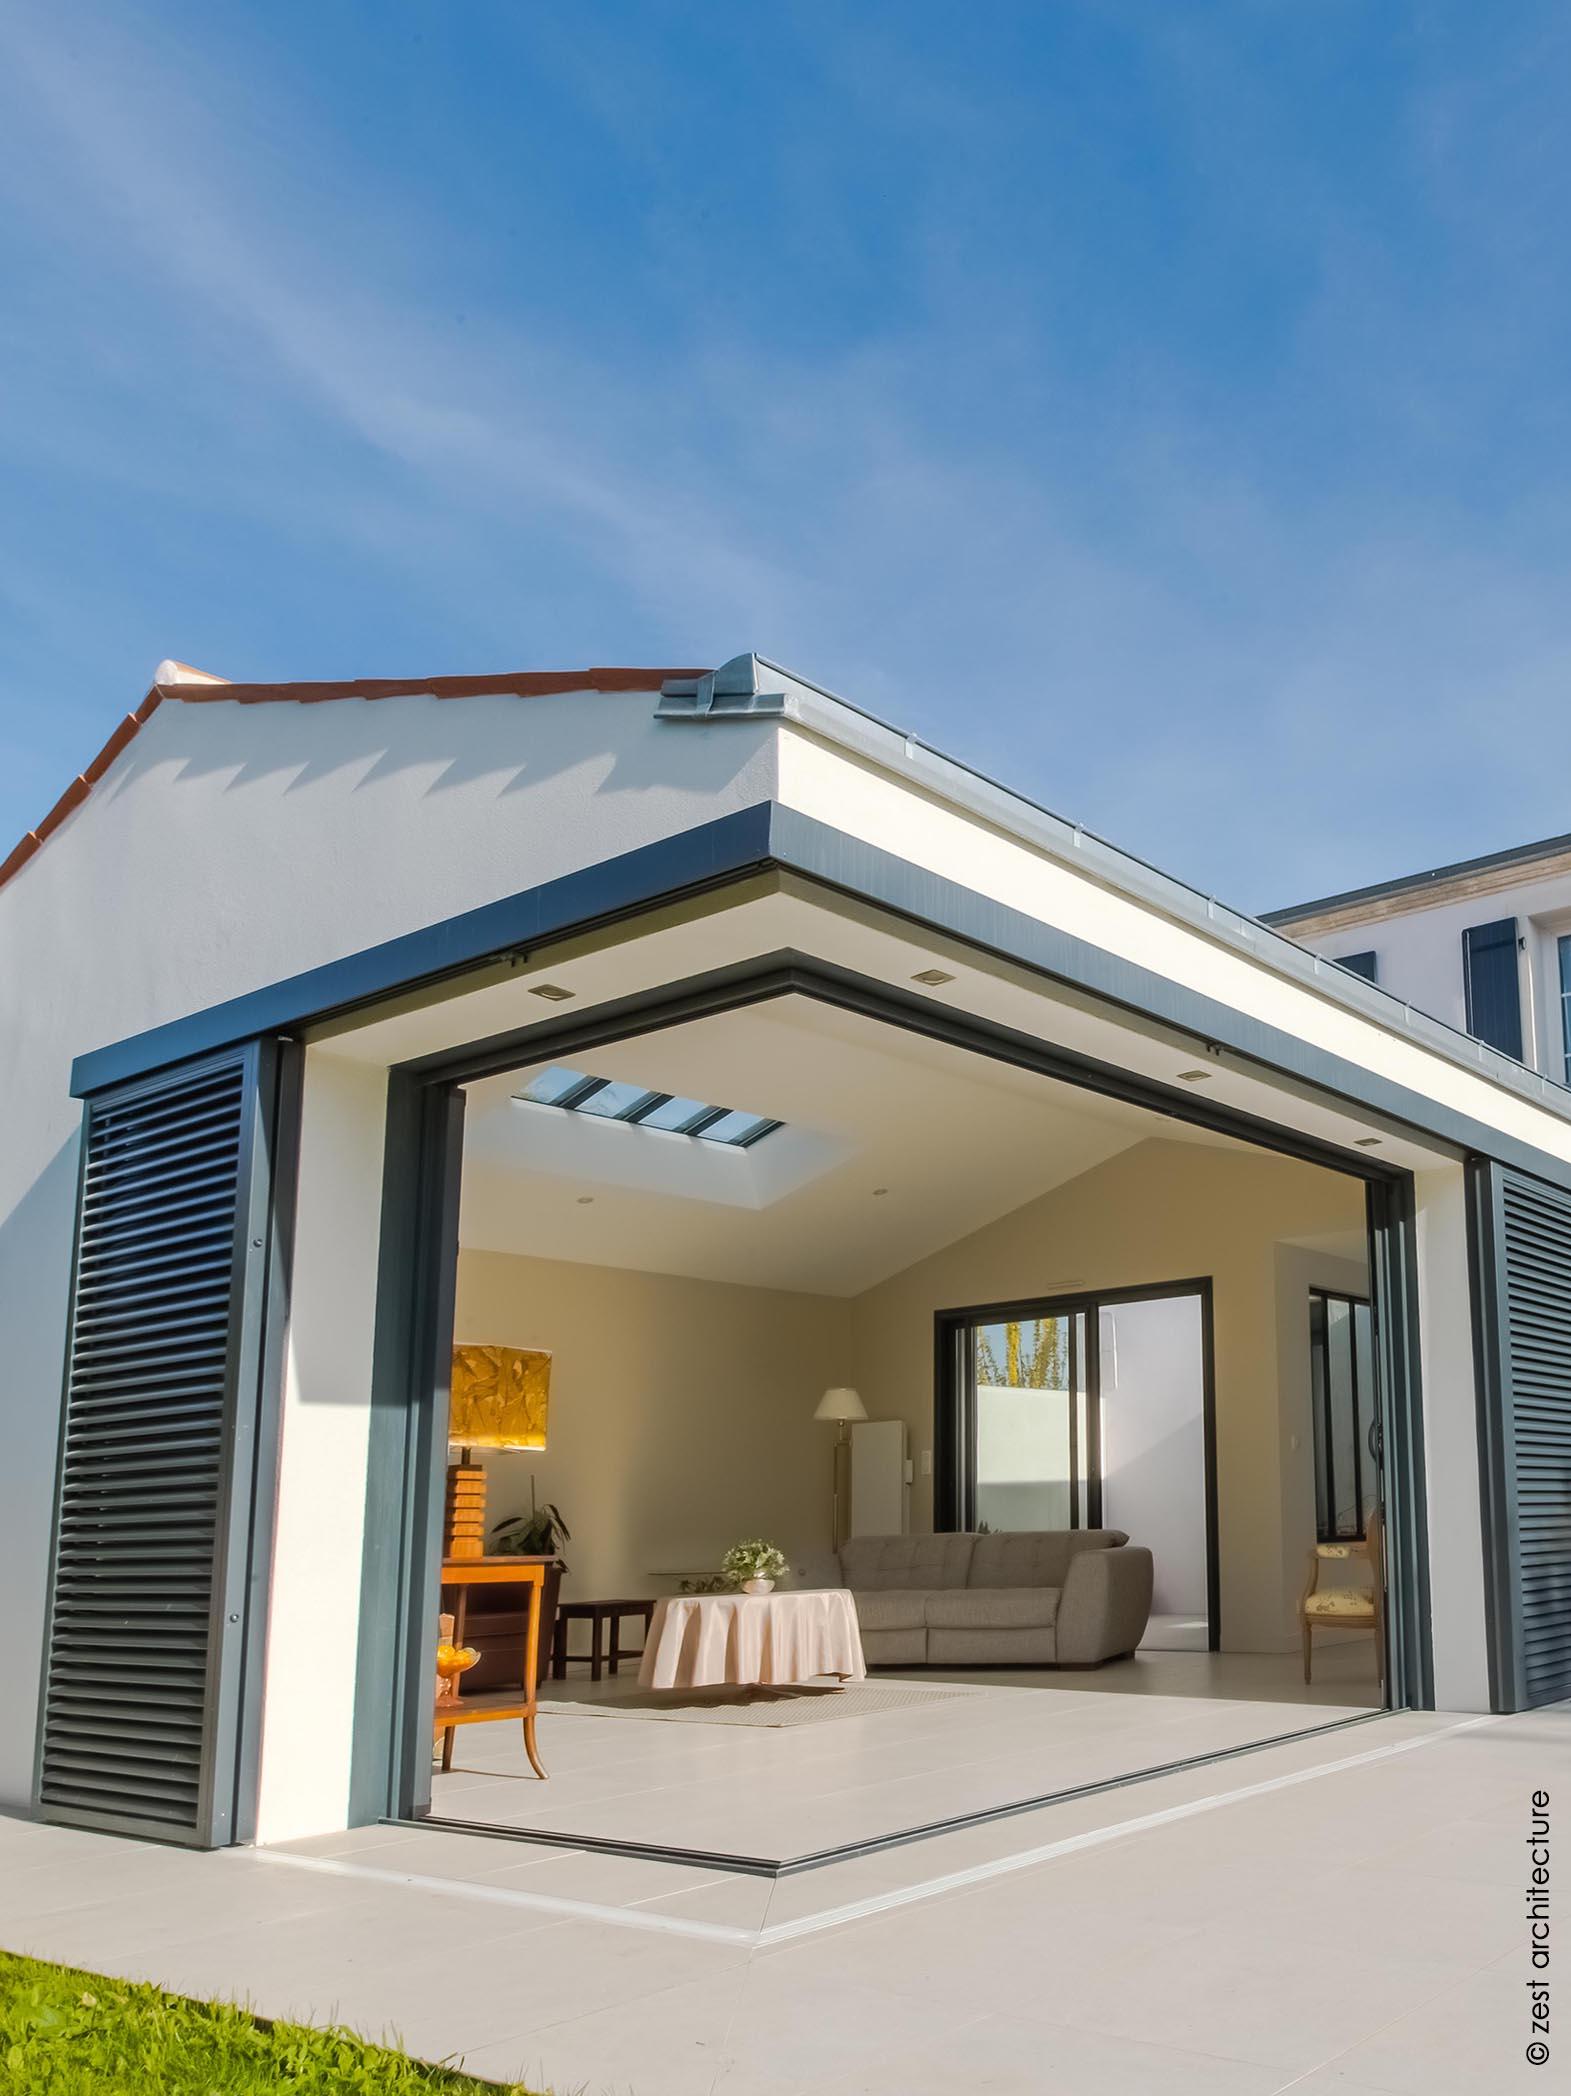 baie d'angle à galandage - zest architecture - céline & jean delauné